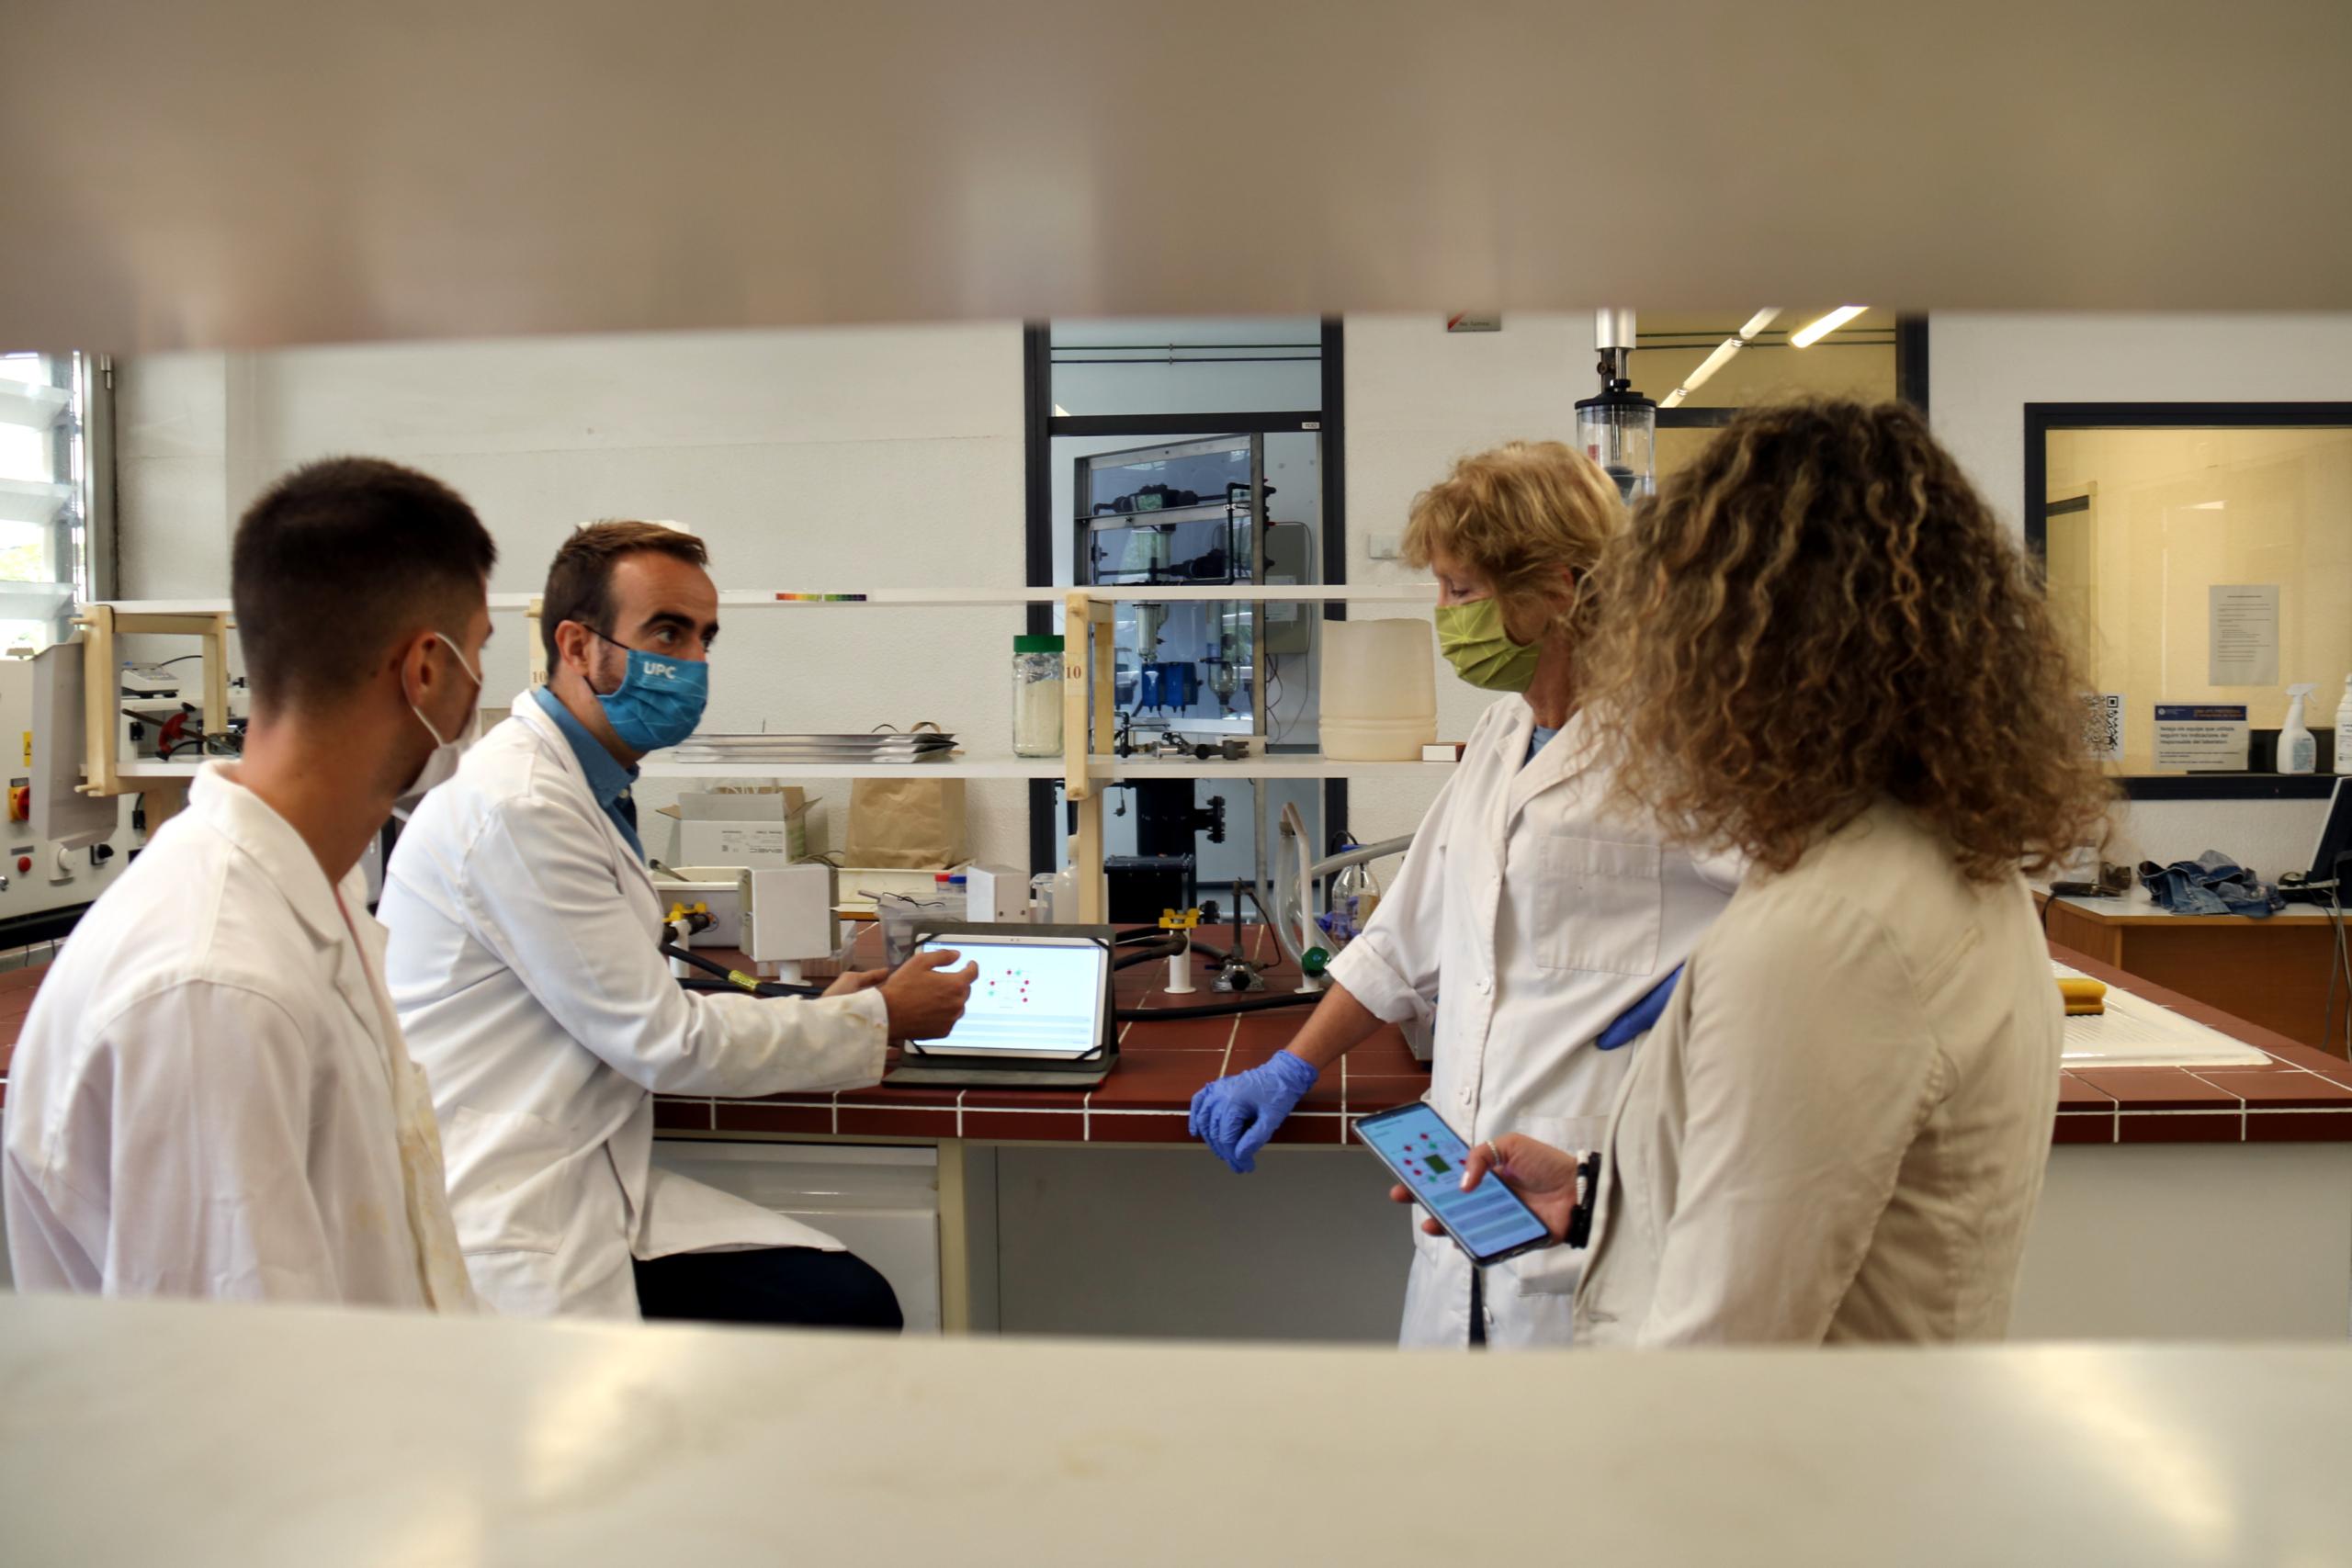 Una part de l'equip d'investigadors al laboratori de la UPC Manresa   ACN